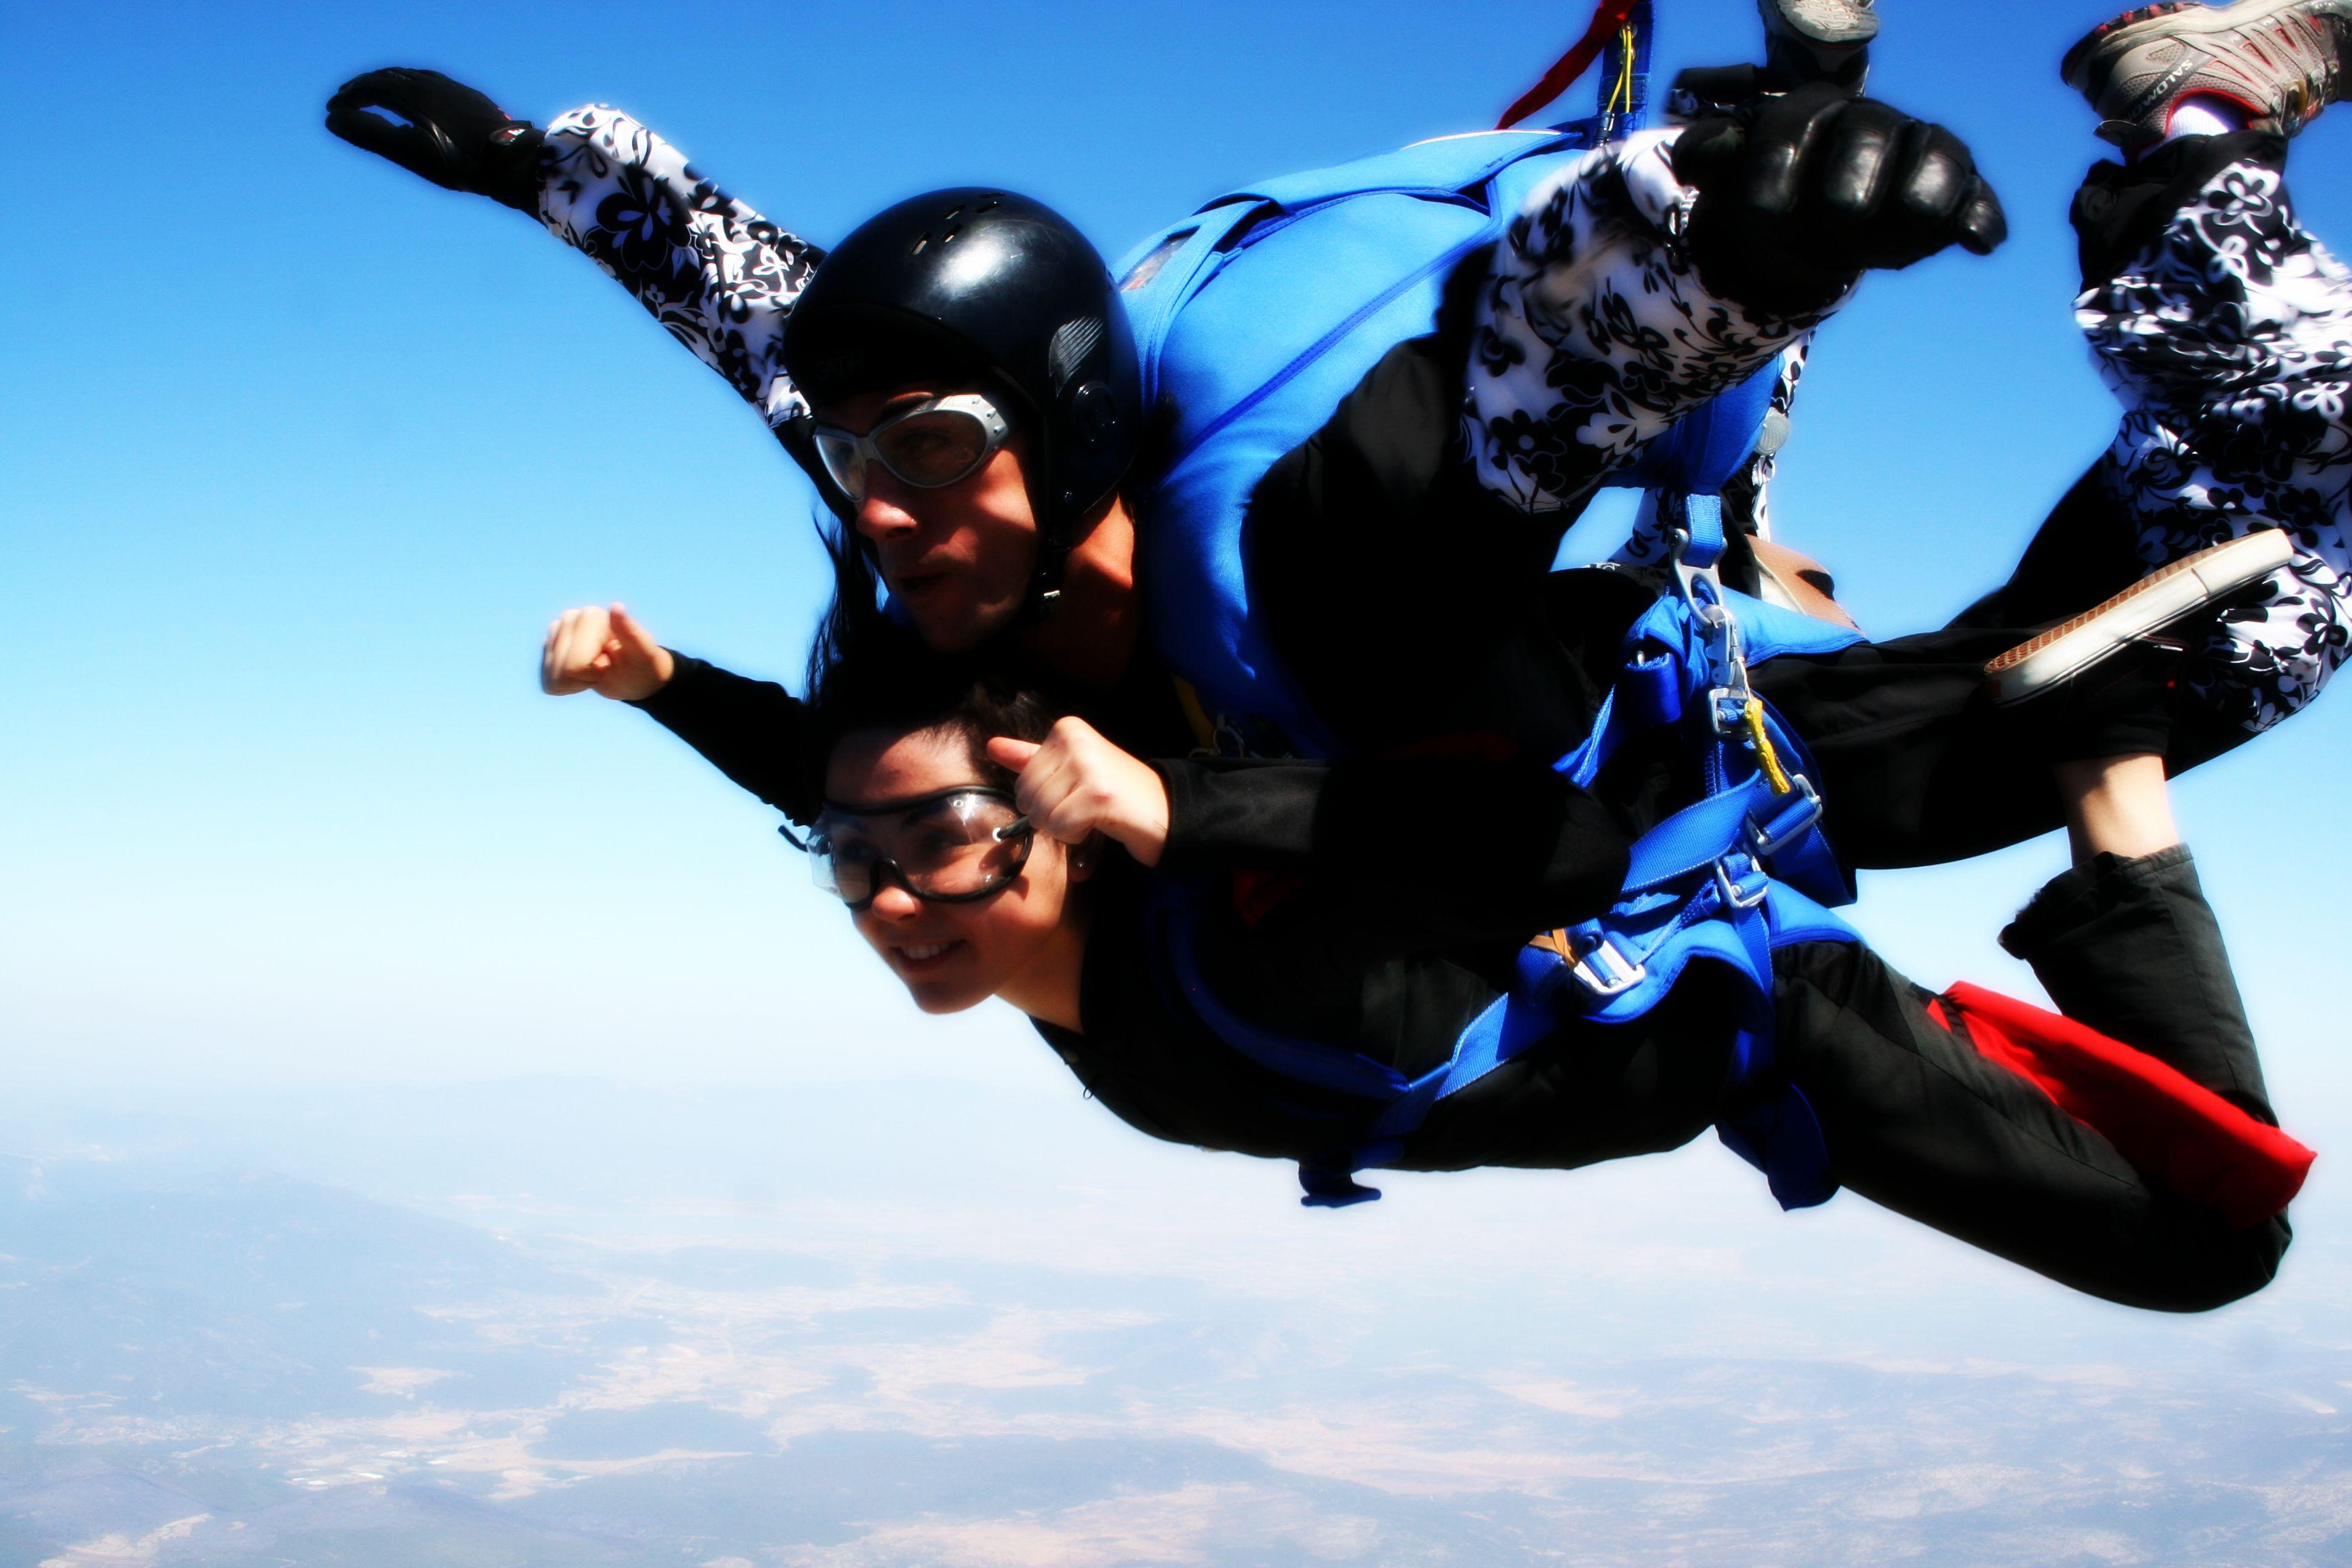 #tandem #skydiving #ephesusdropzone #just jump #efesdropzone